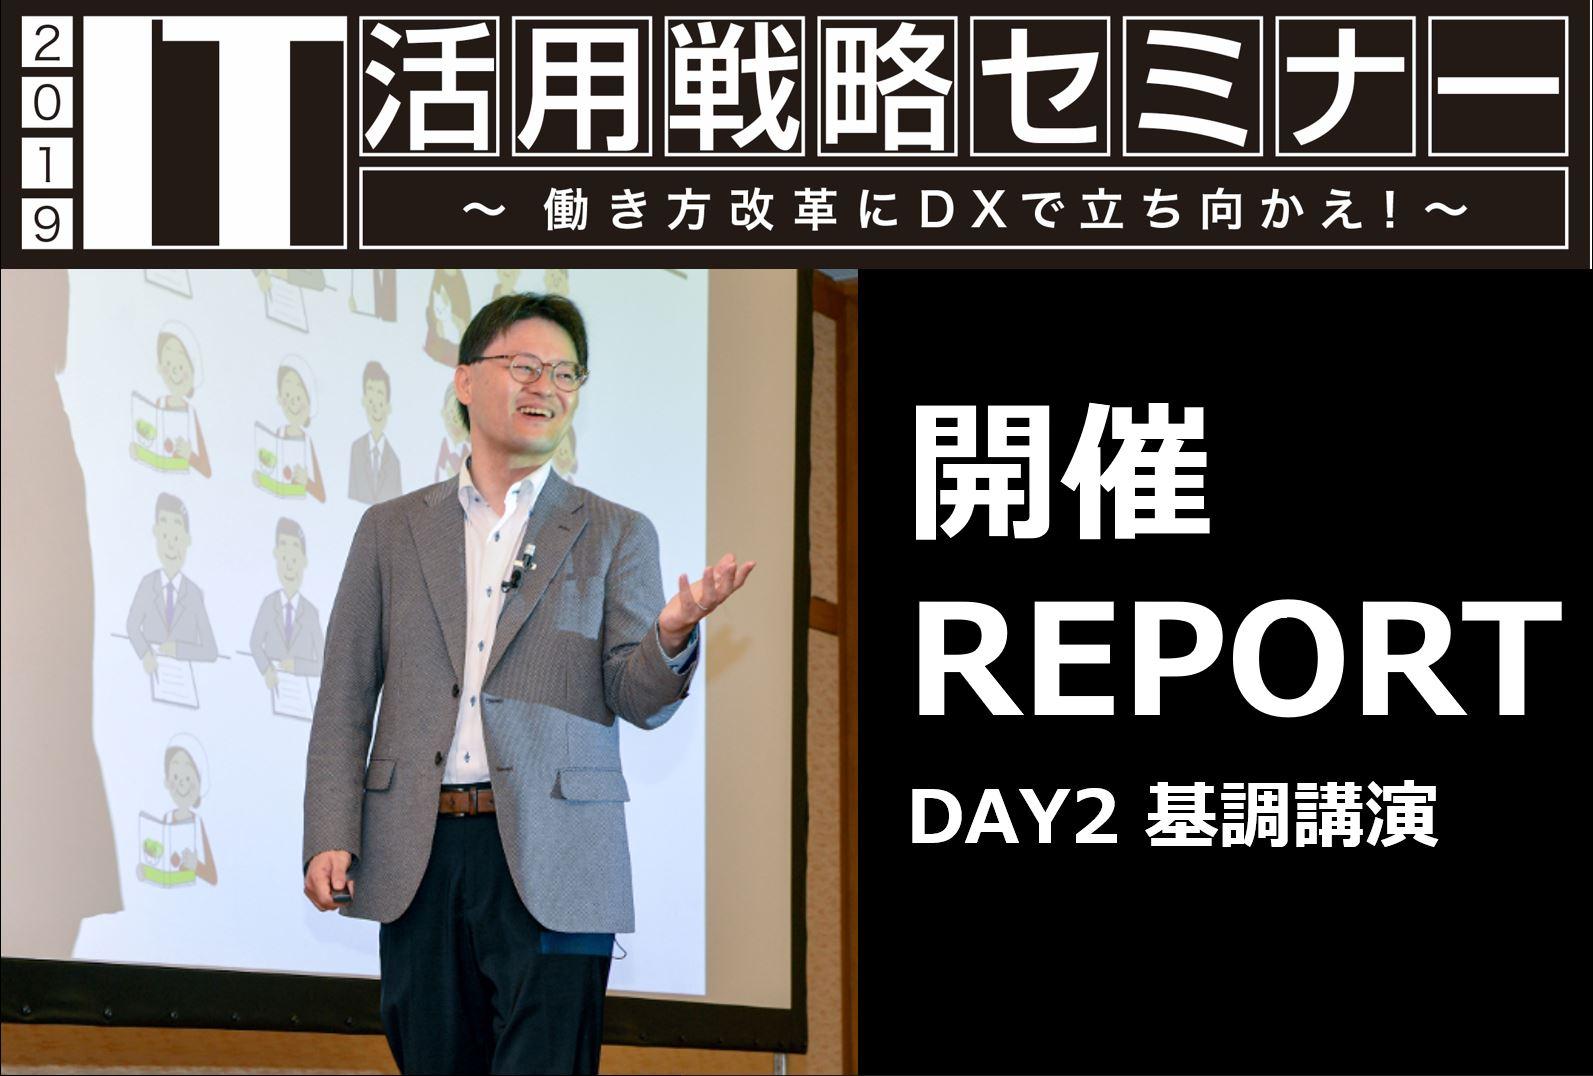 IT活用戦略セミナー~働き方改革にDXで立ち向かえ!~船井総合研究所さま